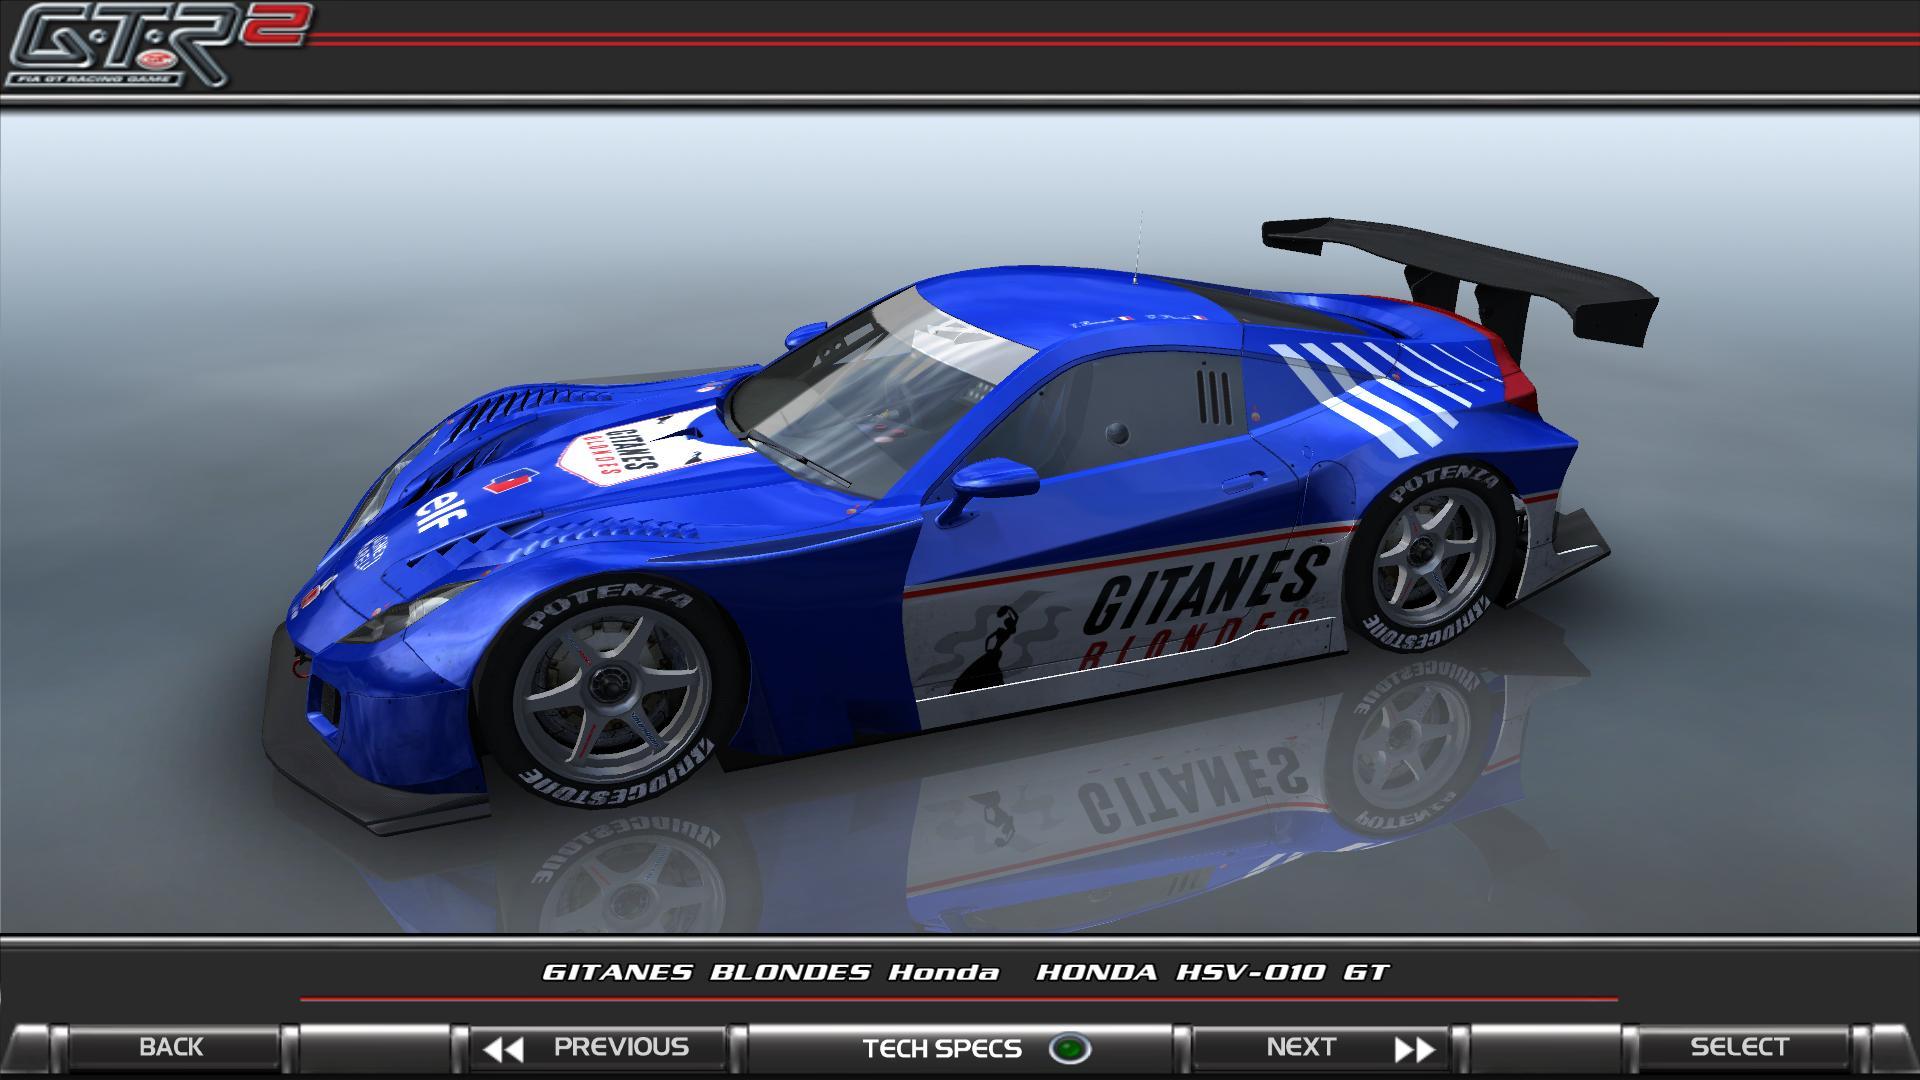 GTR2 - Gitanes Blondes Honda